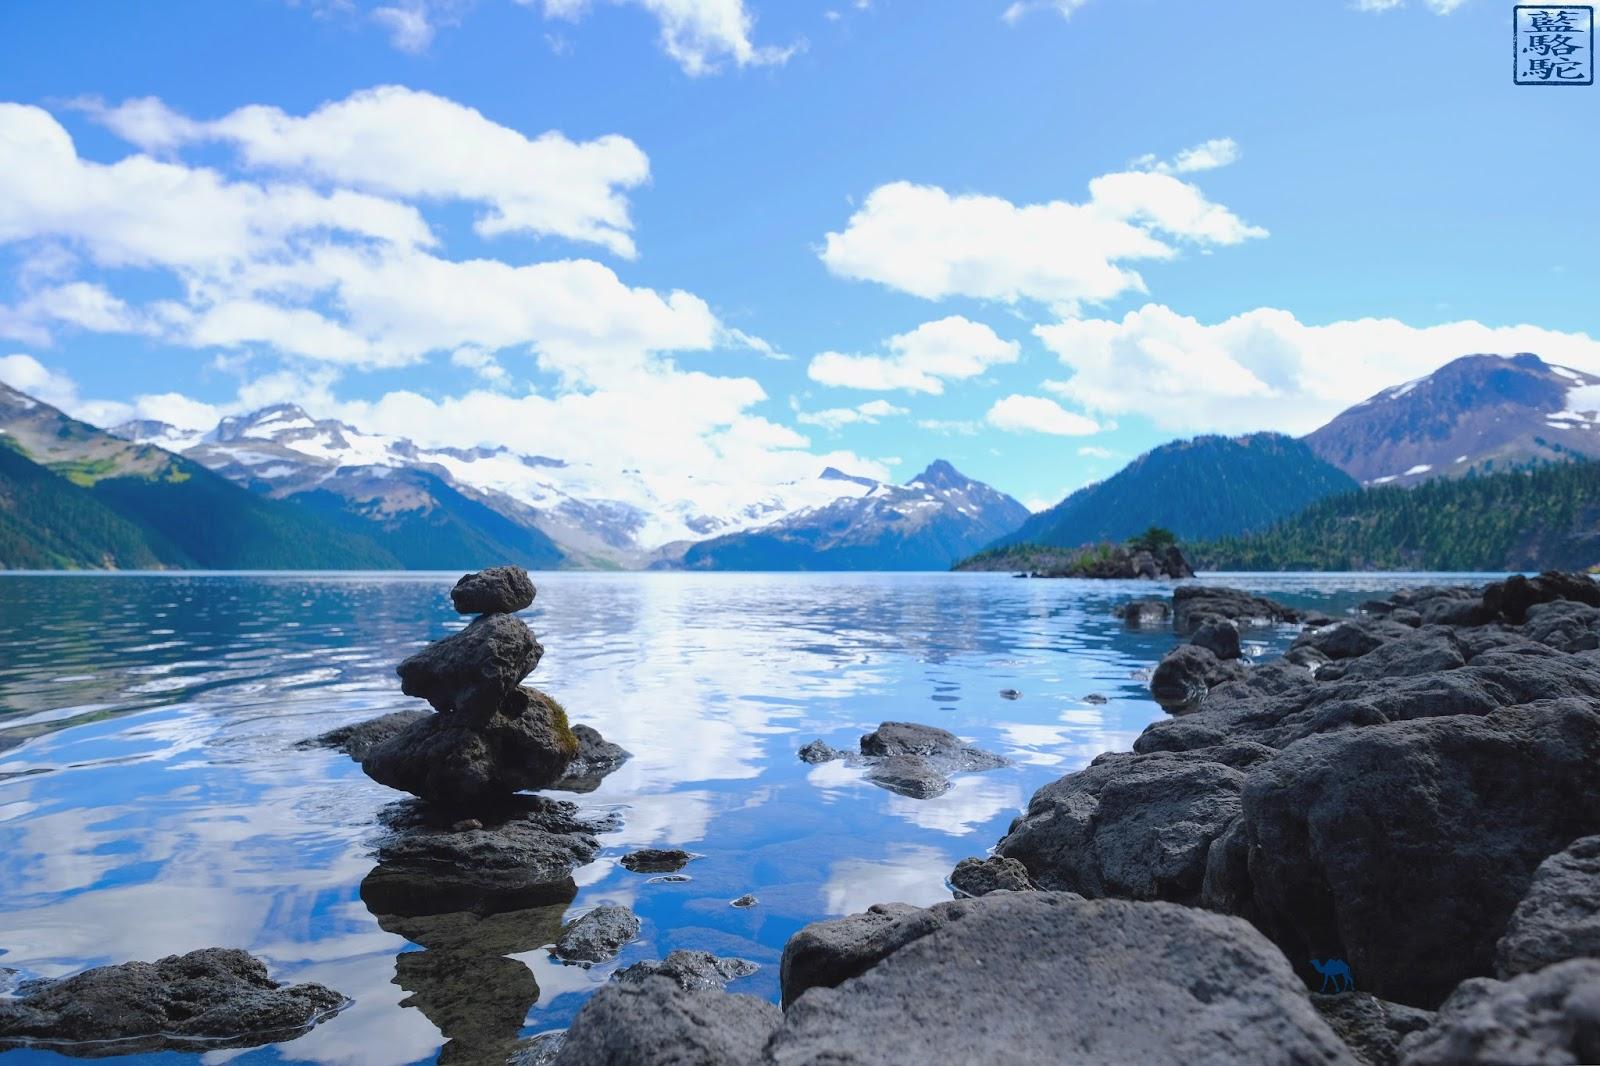 Le Chameau Bleu - Garibaldi Lake